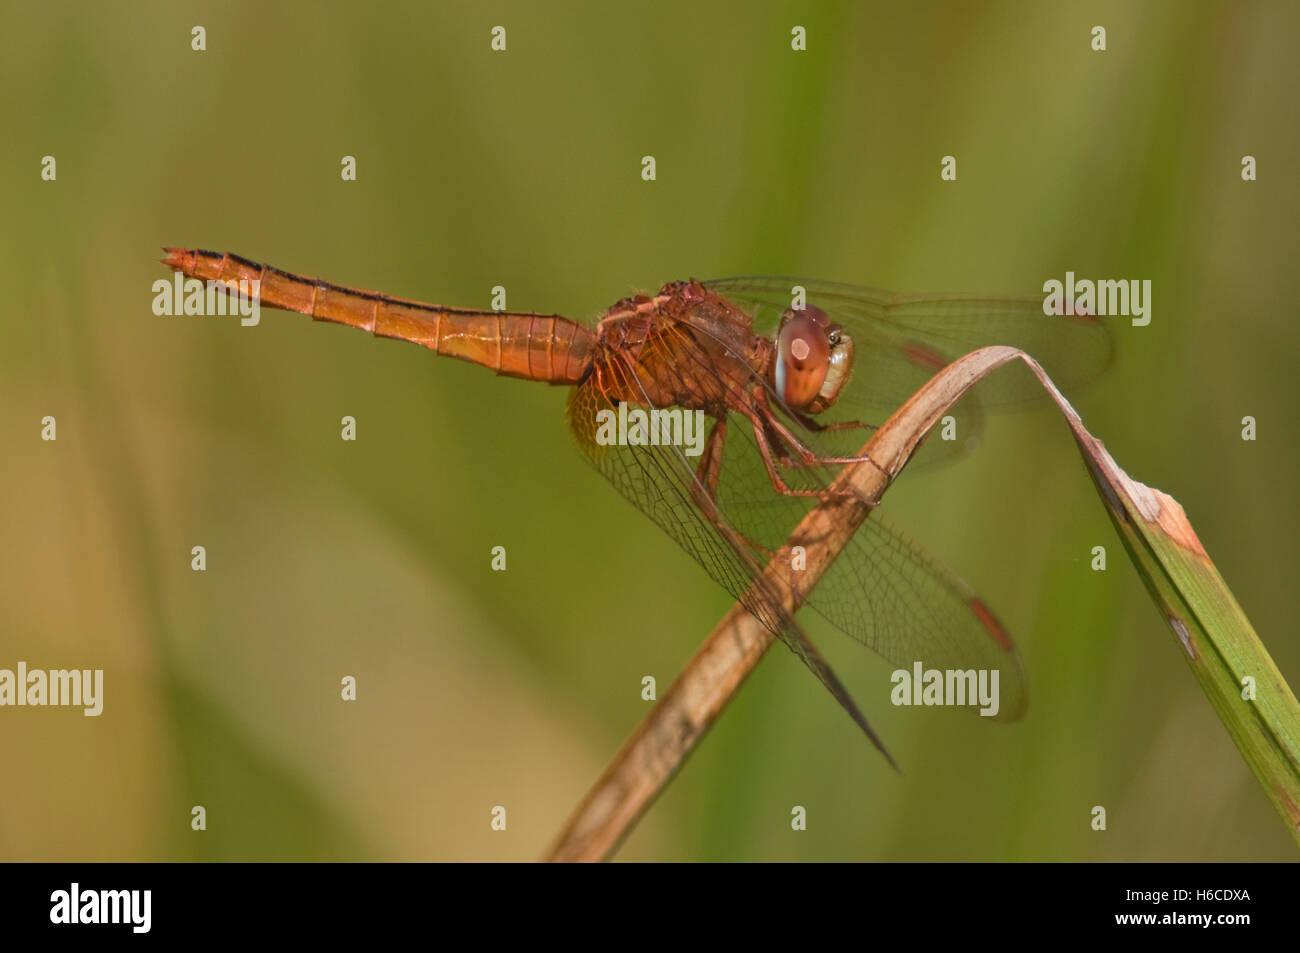 NEPAL, Royal Bardia National Park, Wandering Glider Dragonfly, Pantala flavescens Stock Photo